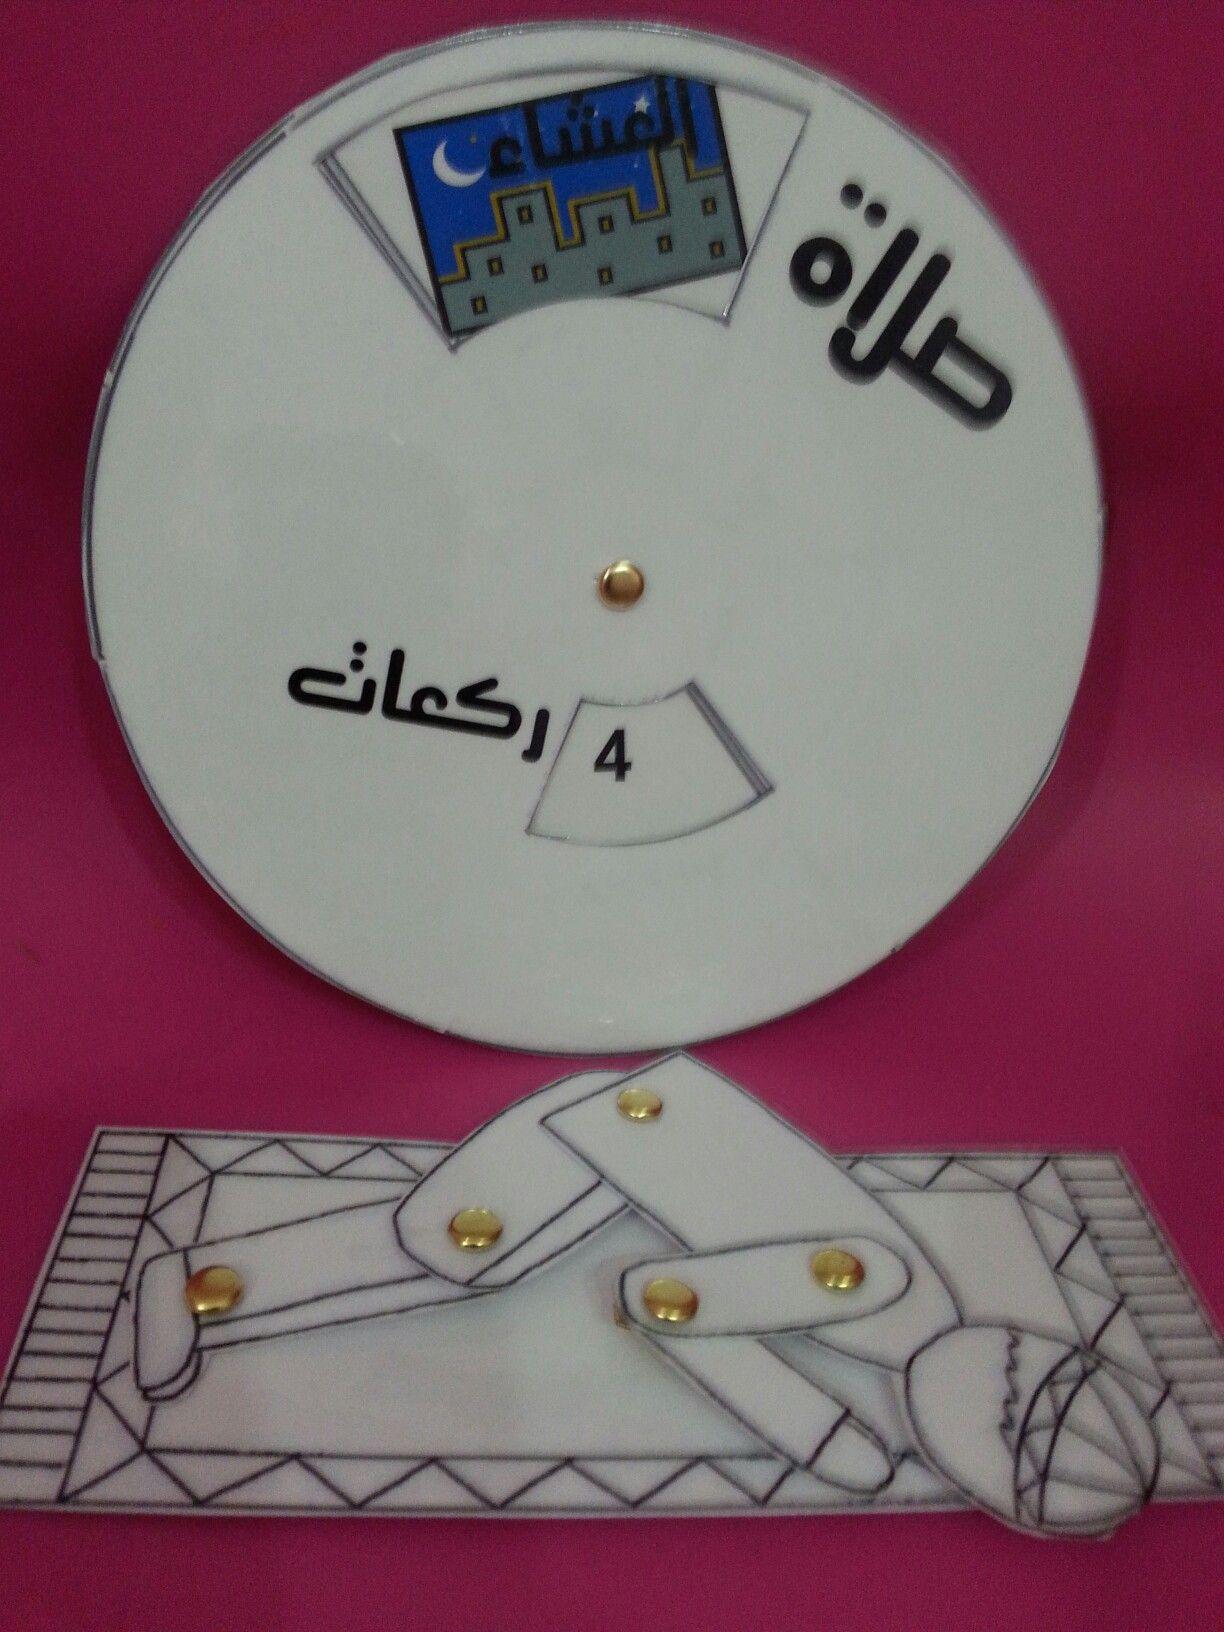 تعليم الصﻻة للصف الأول عجلة الركعات مع الرجل الدمية ممتع للأطفال يسروا وﻻ تعسروا Muslim Kids Crafts Islamic Kids Activities Muslim Kids Activities